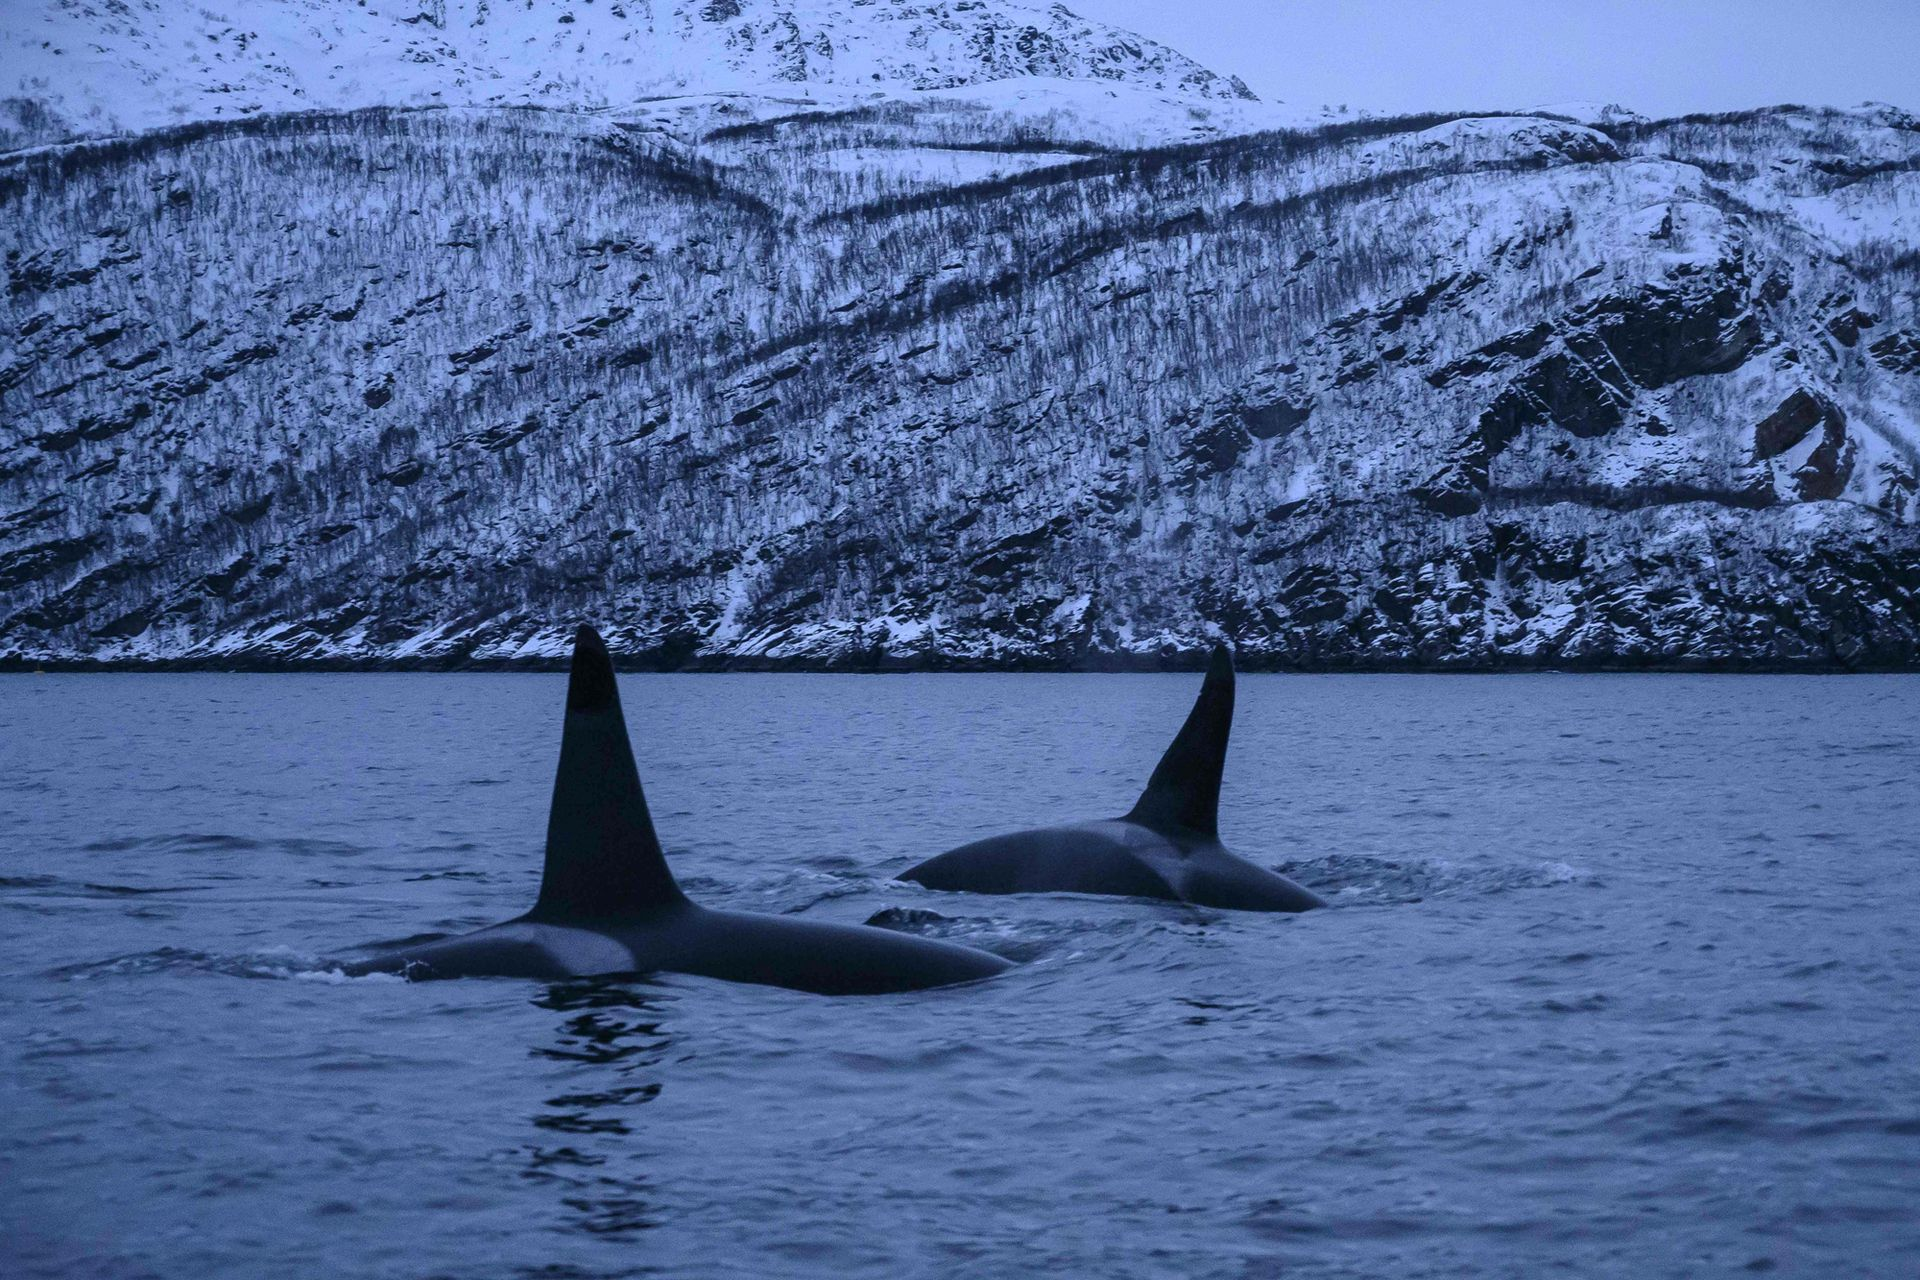 Orcas masculinas persiguen arenques el 15 de enero, en el mar de Noruega en el Círculo polar ártico